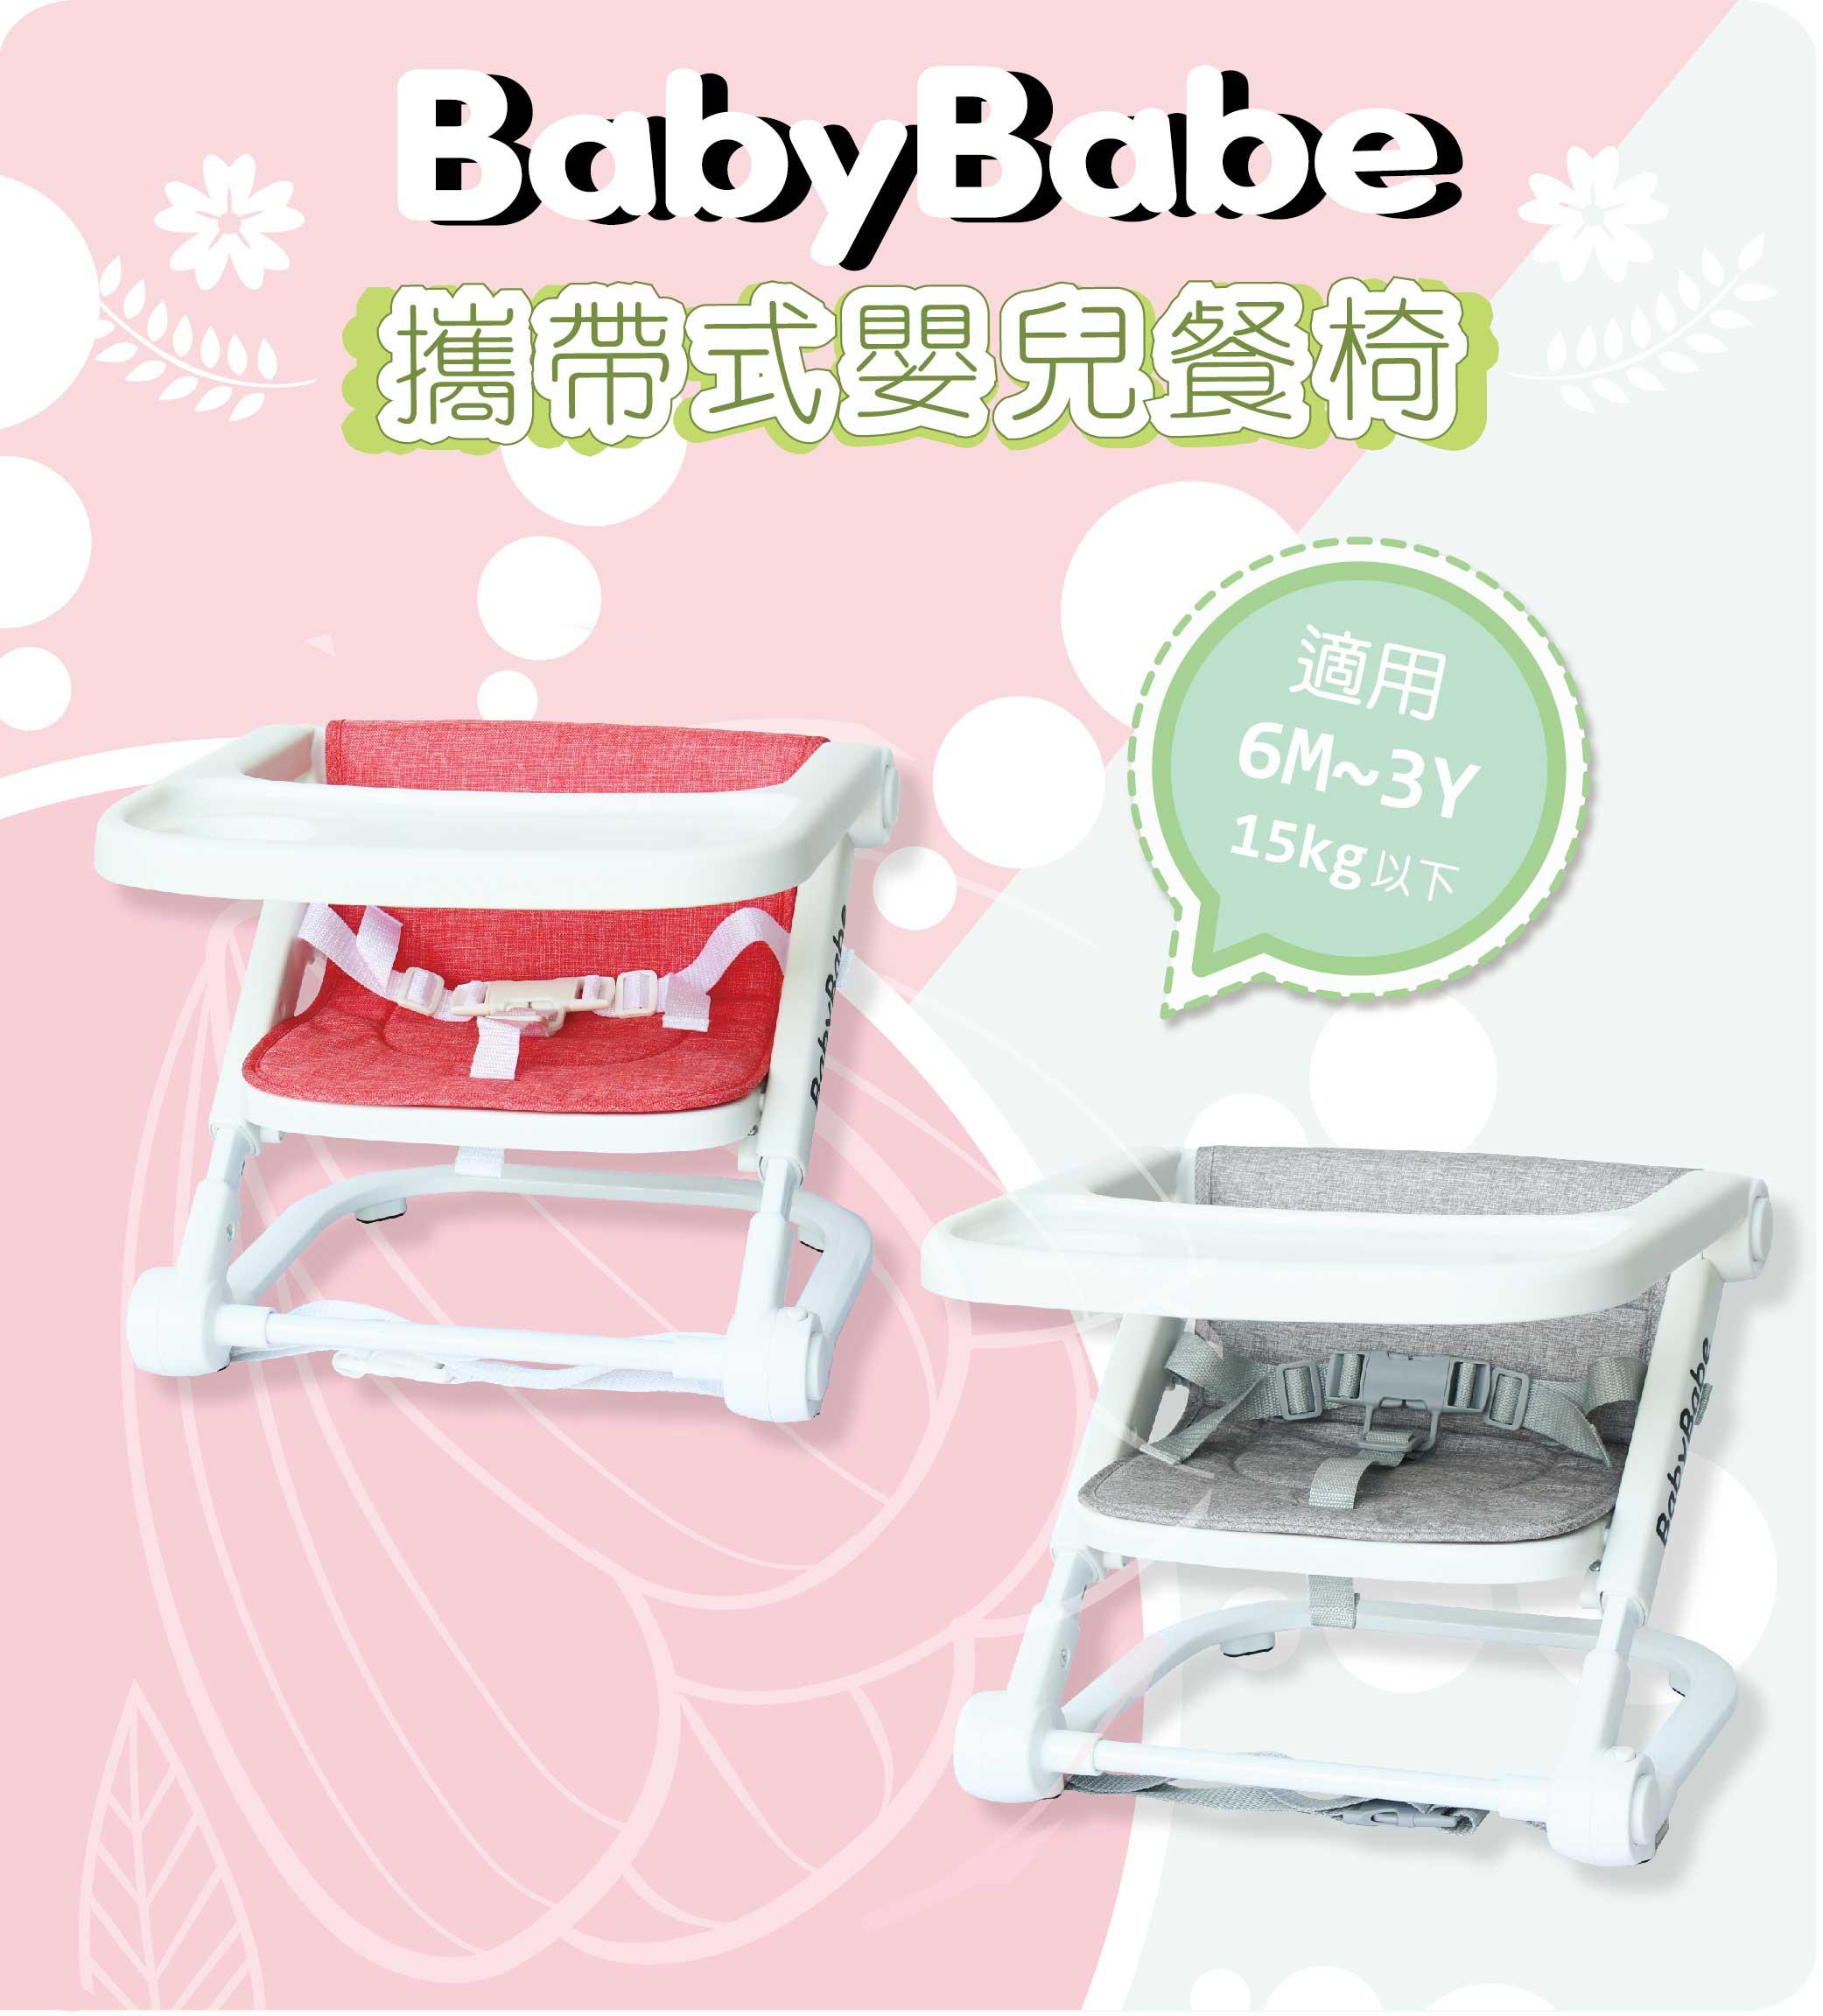 B906攜帶式餐椅-01